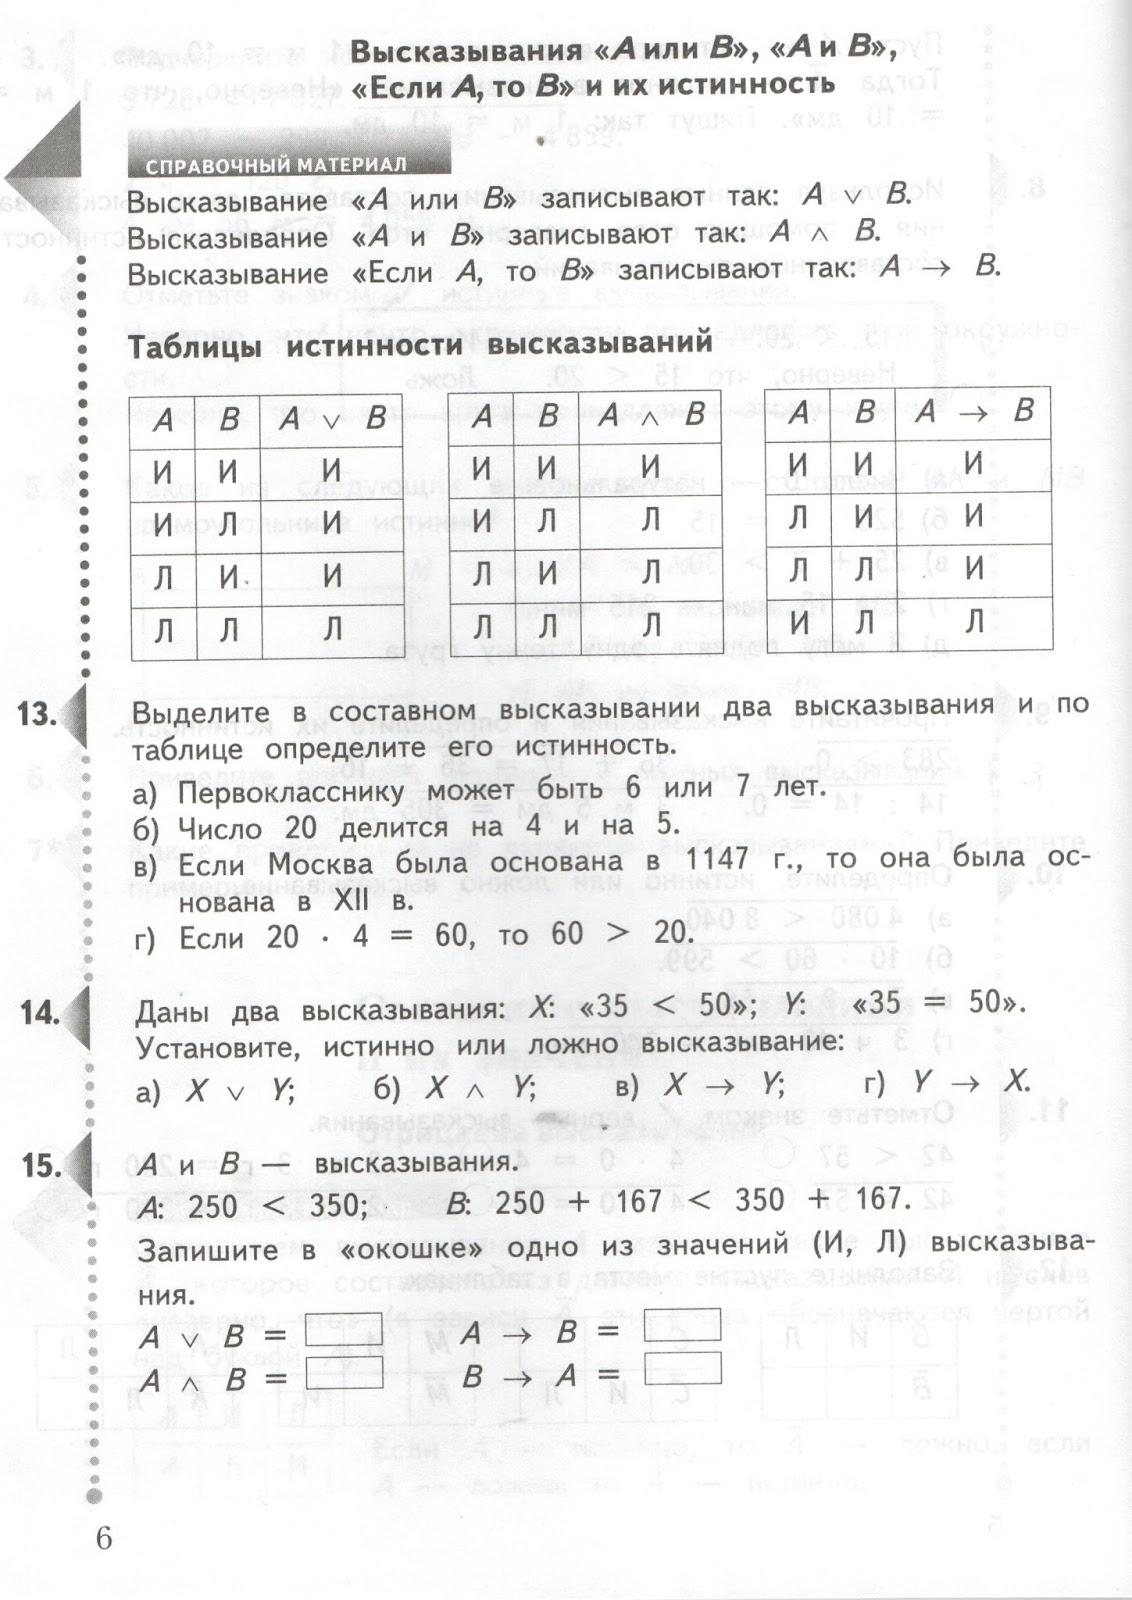 Учебник математики 2 класс часть 1 2018г задание